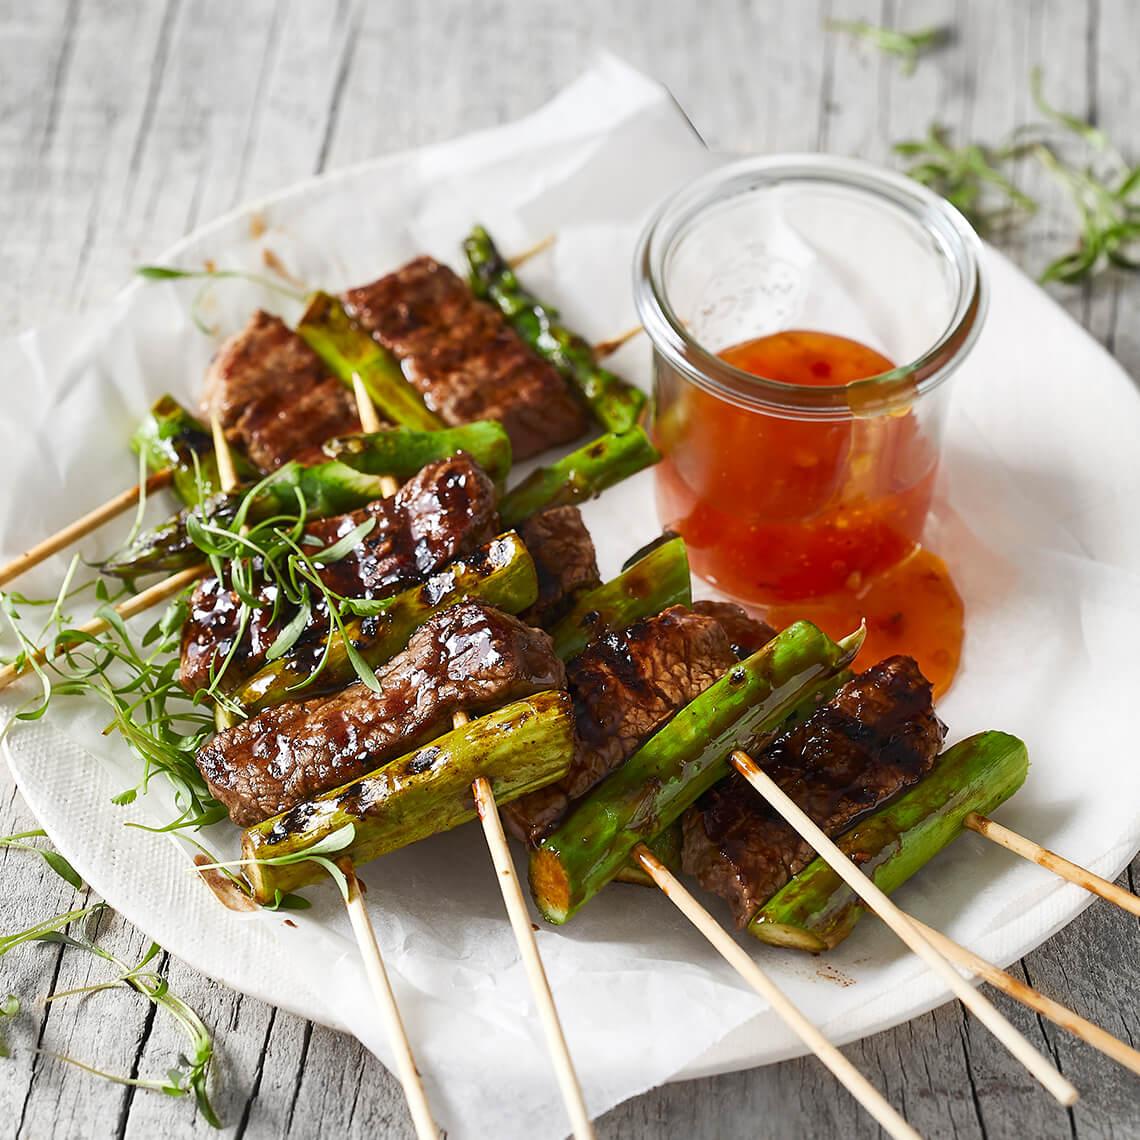 Beef and asparagus skewers